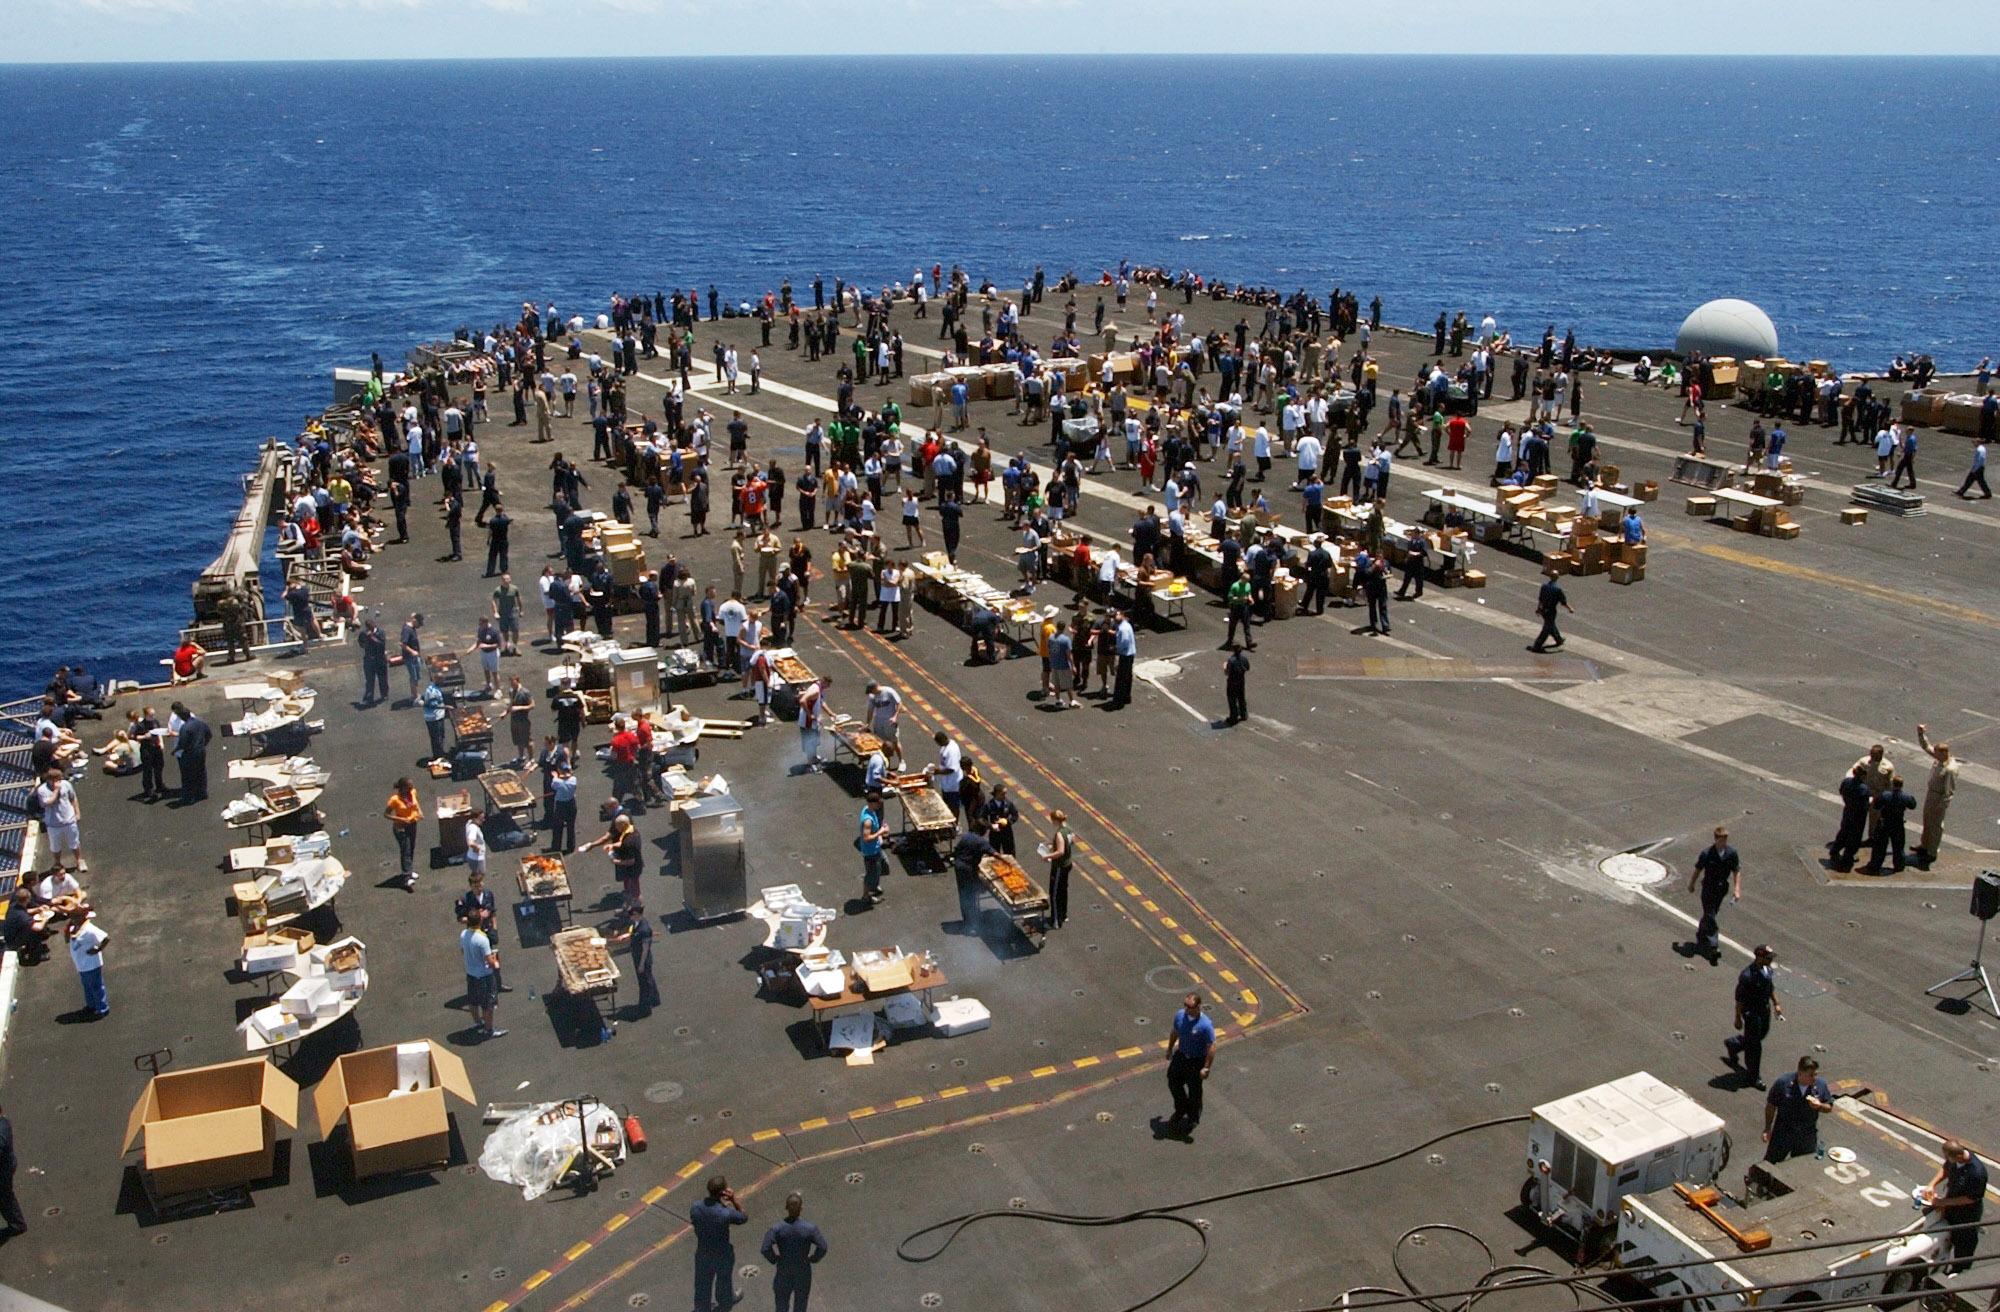 Image Tag Us Navy Sailors Aboard Uss Nimitz Aircraft Carrier 2000x1312